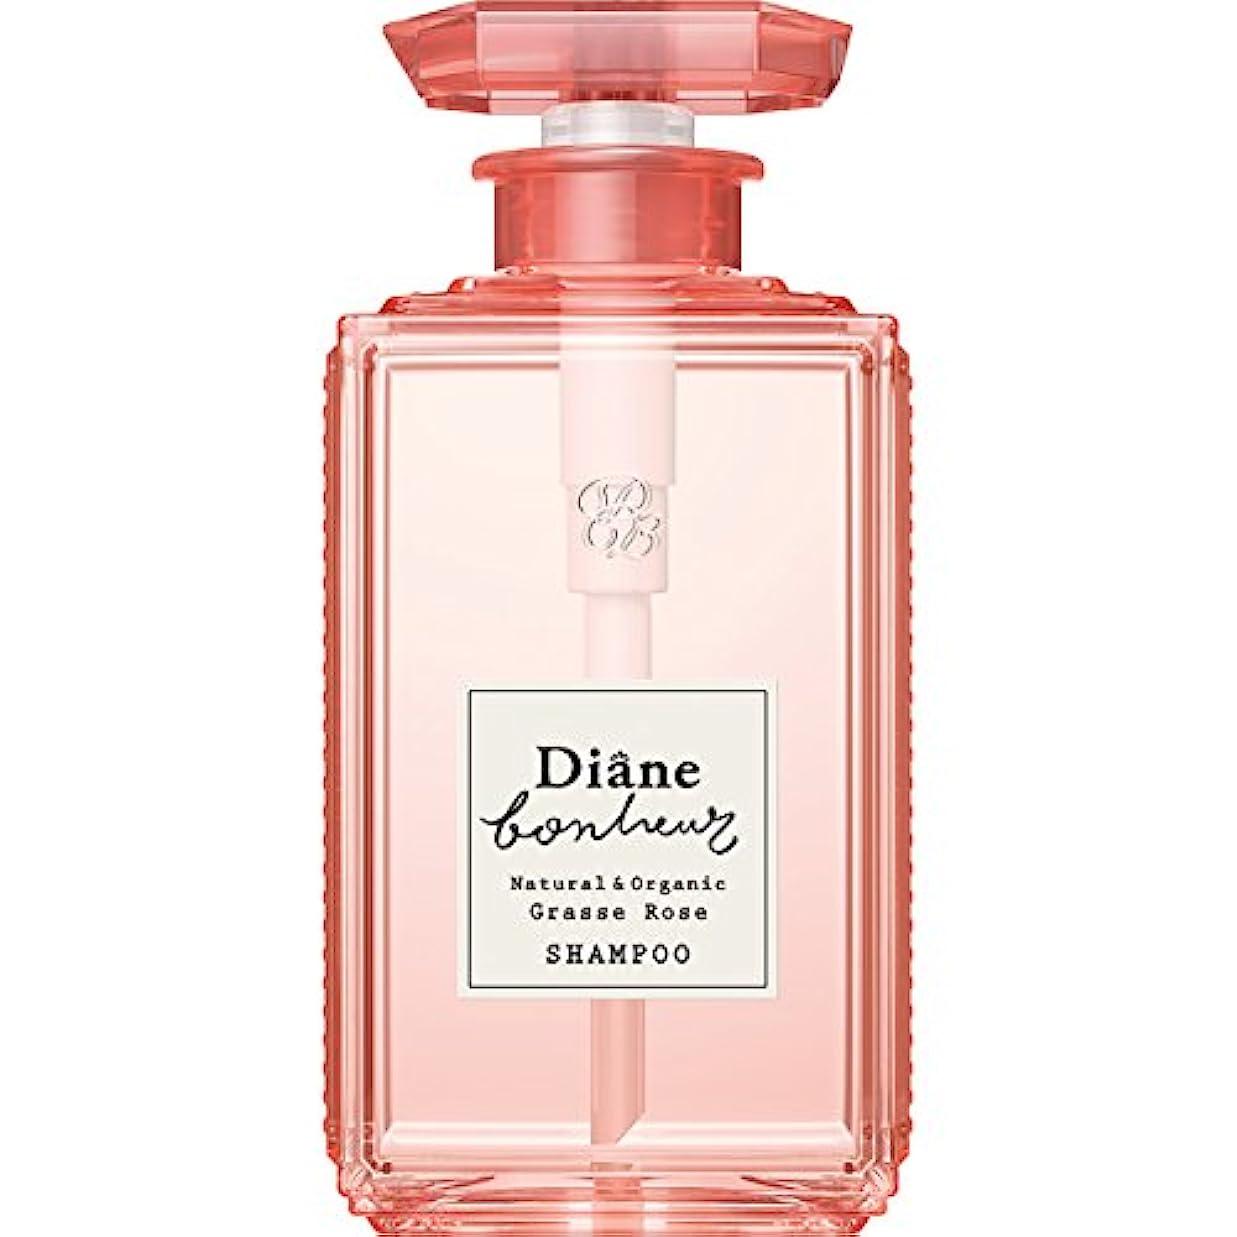 静める定期的に発生するダイアン ボヌール グラースローズの香り ダメージリペア シャンプー 500ml